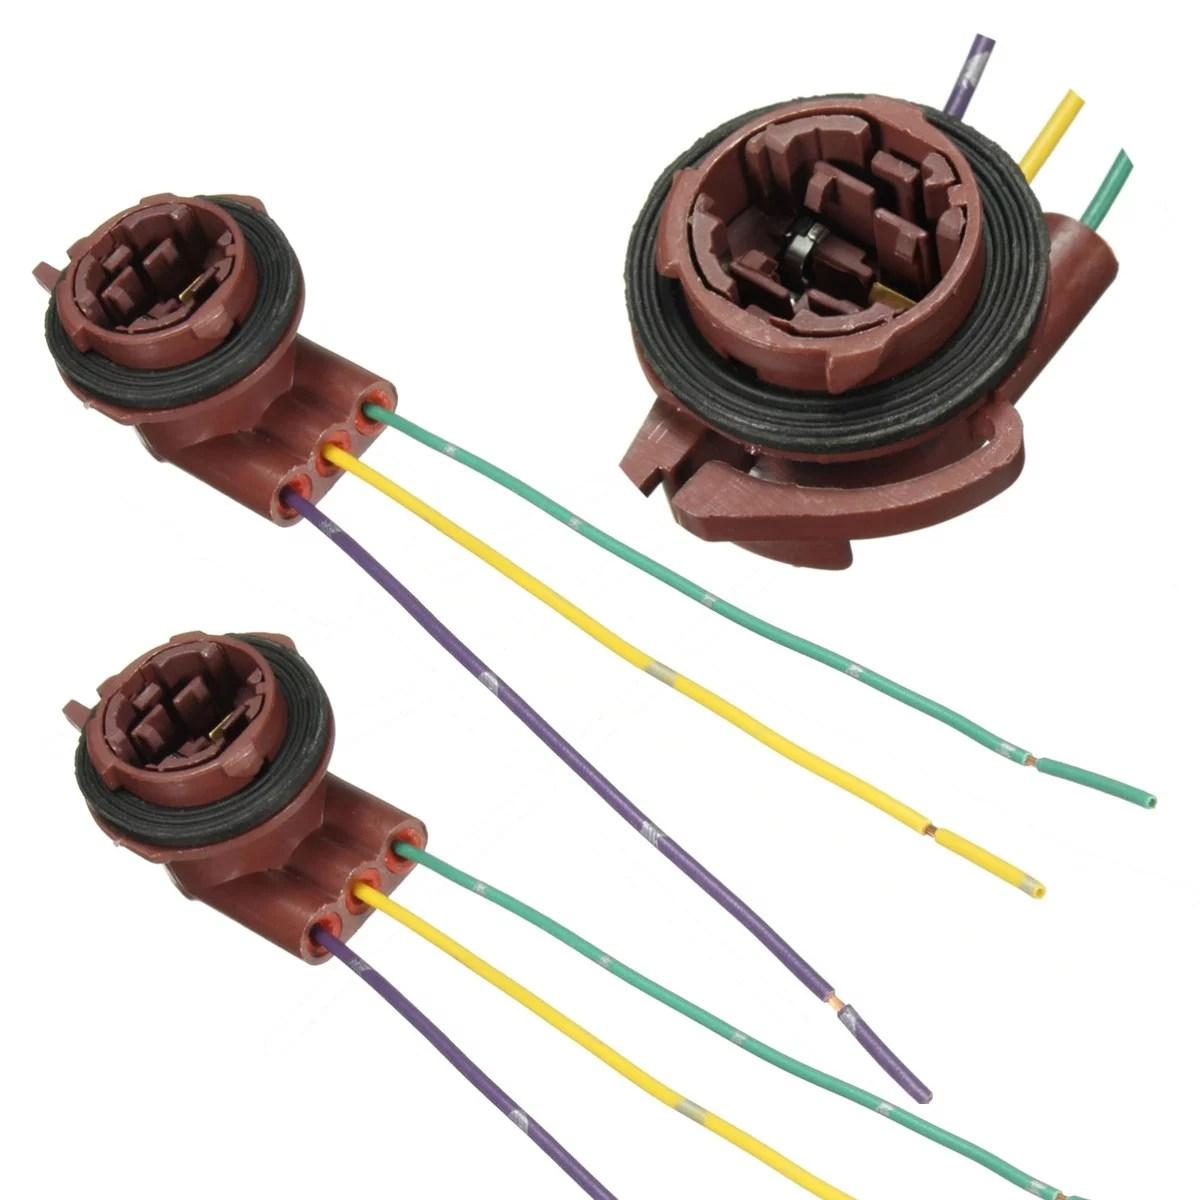 matcc 2pcs 12v brake turn signal indicator light socket wiring electrical wiring handyman 3157 light socket wiring diagram [ 1200 x 1200 Pixel ]